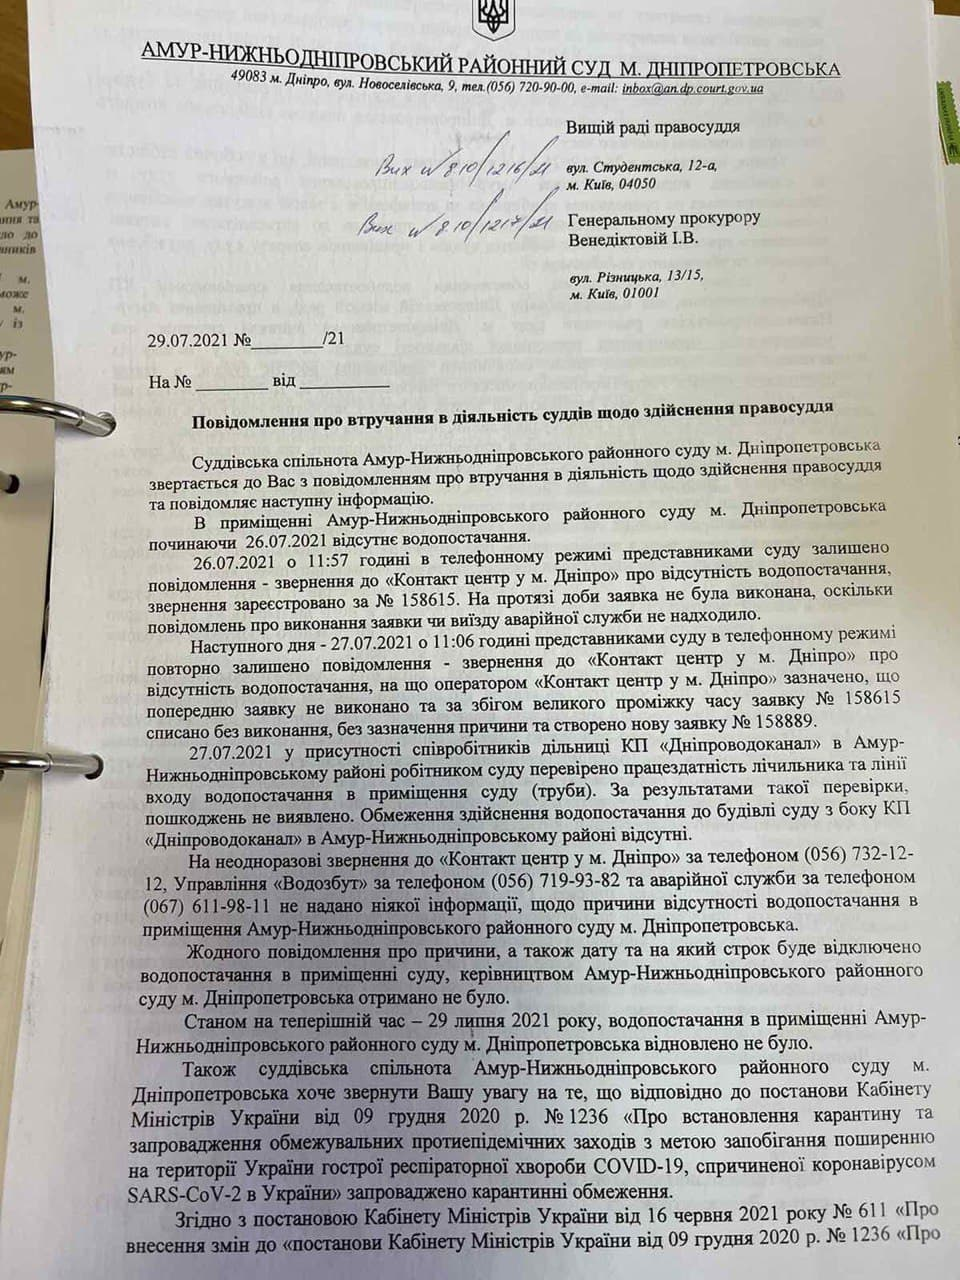 Зеленского просят о помощи работники суда в Днепре, в котором отключили воду по указанию Филатова - фото 3